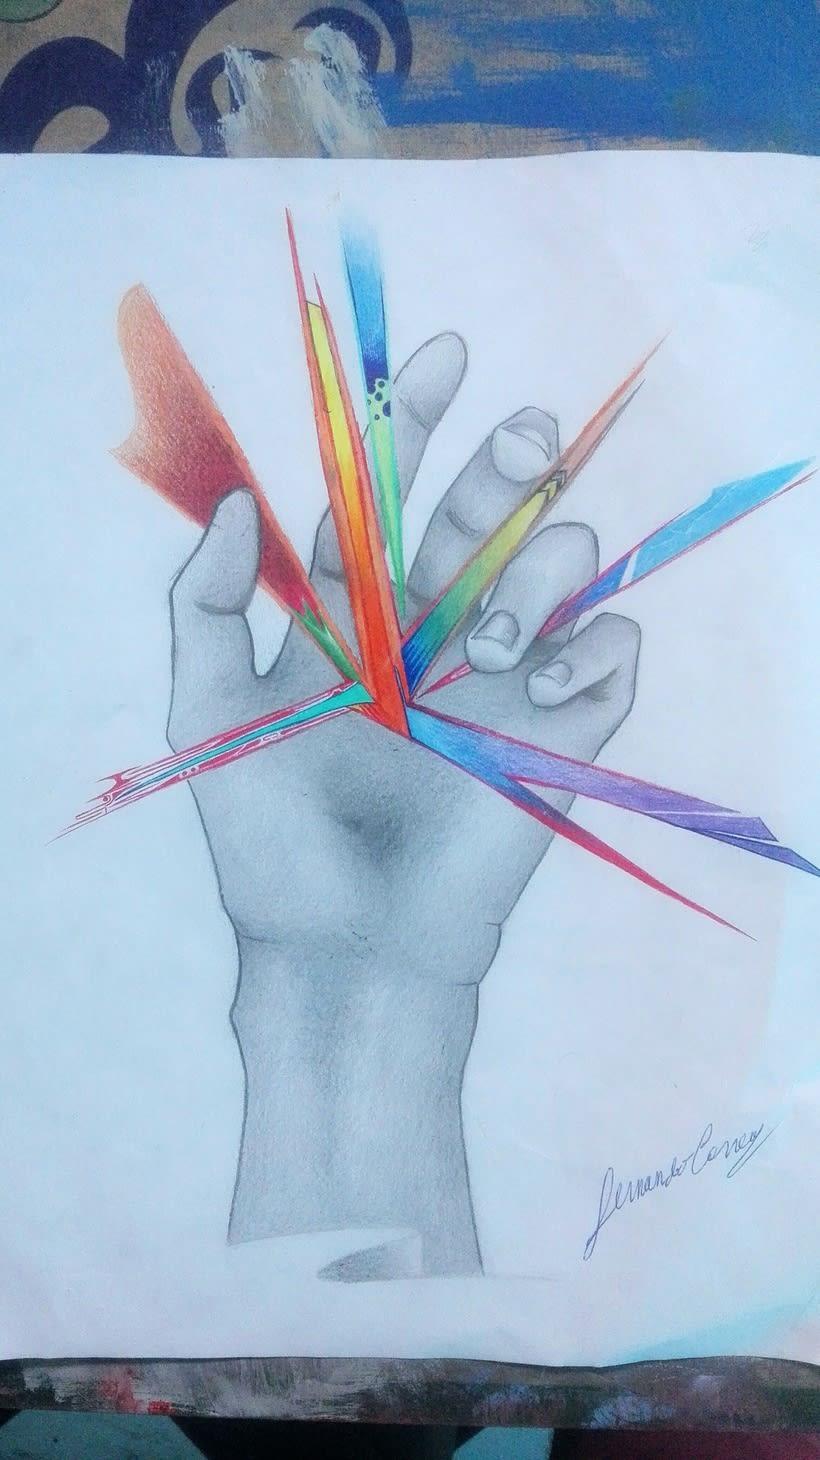 Nuestras manos son la mejor herramienta para mostrar lo que nuestros ojos ven  0